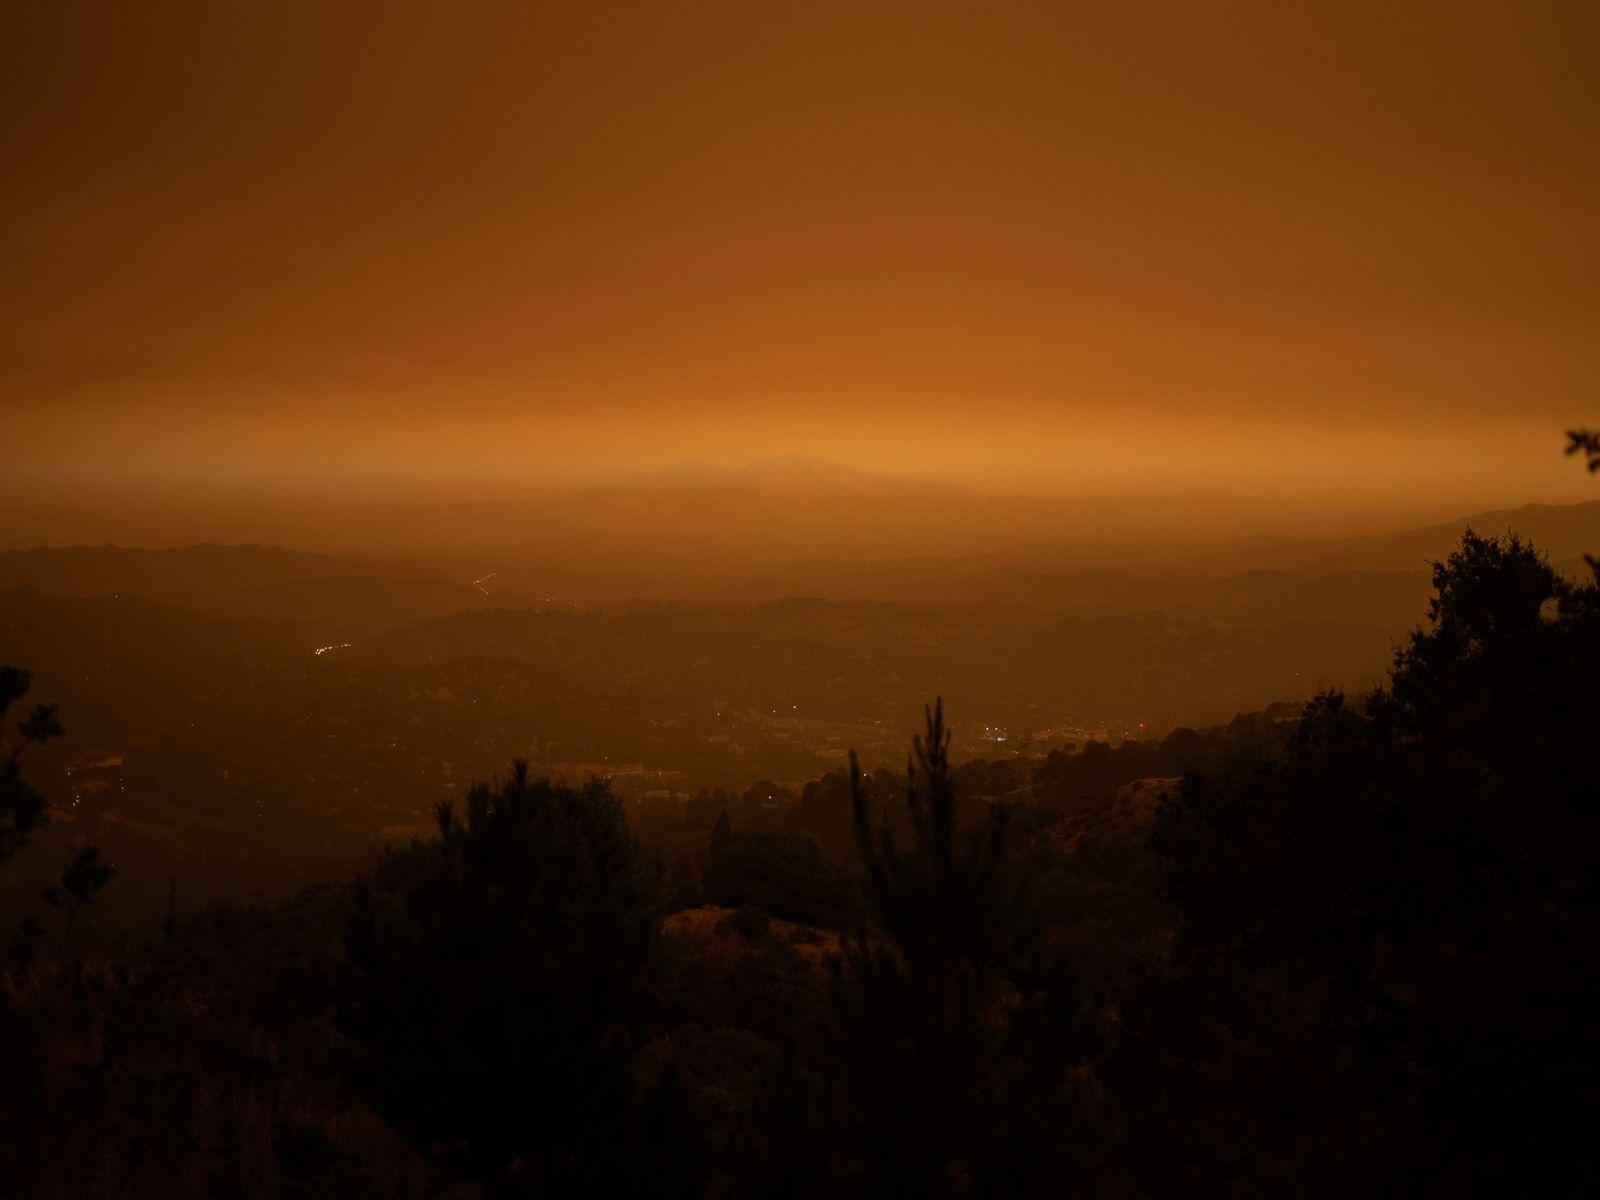 Fumo pairava sobre o Monte Diablo em Orinda, na Califórnia, na quarta-feira dia 9 de setembro. Enquanto ...